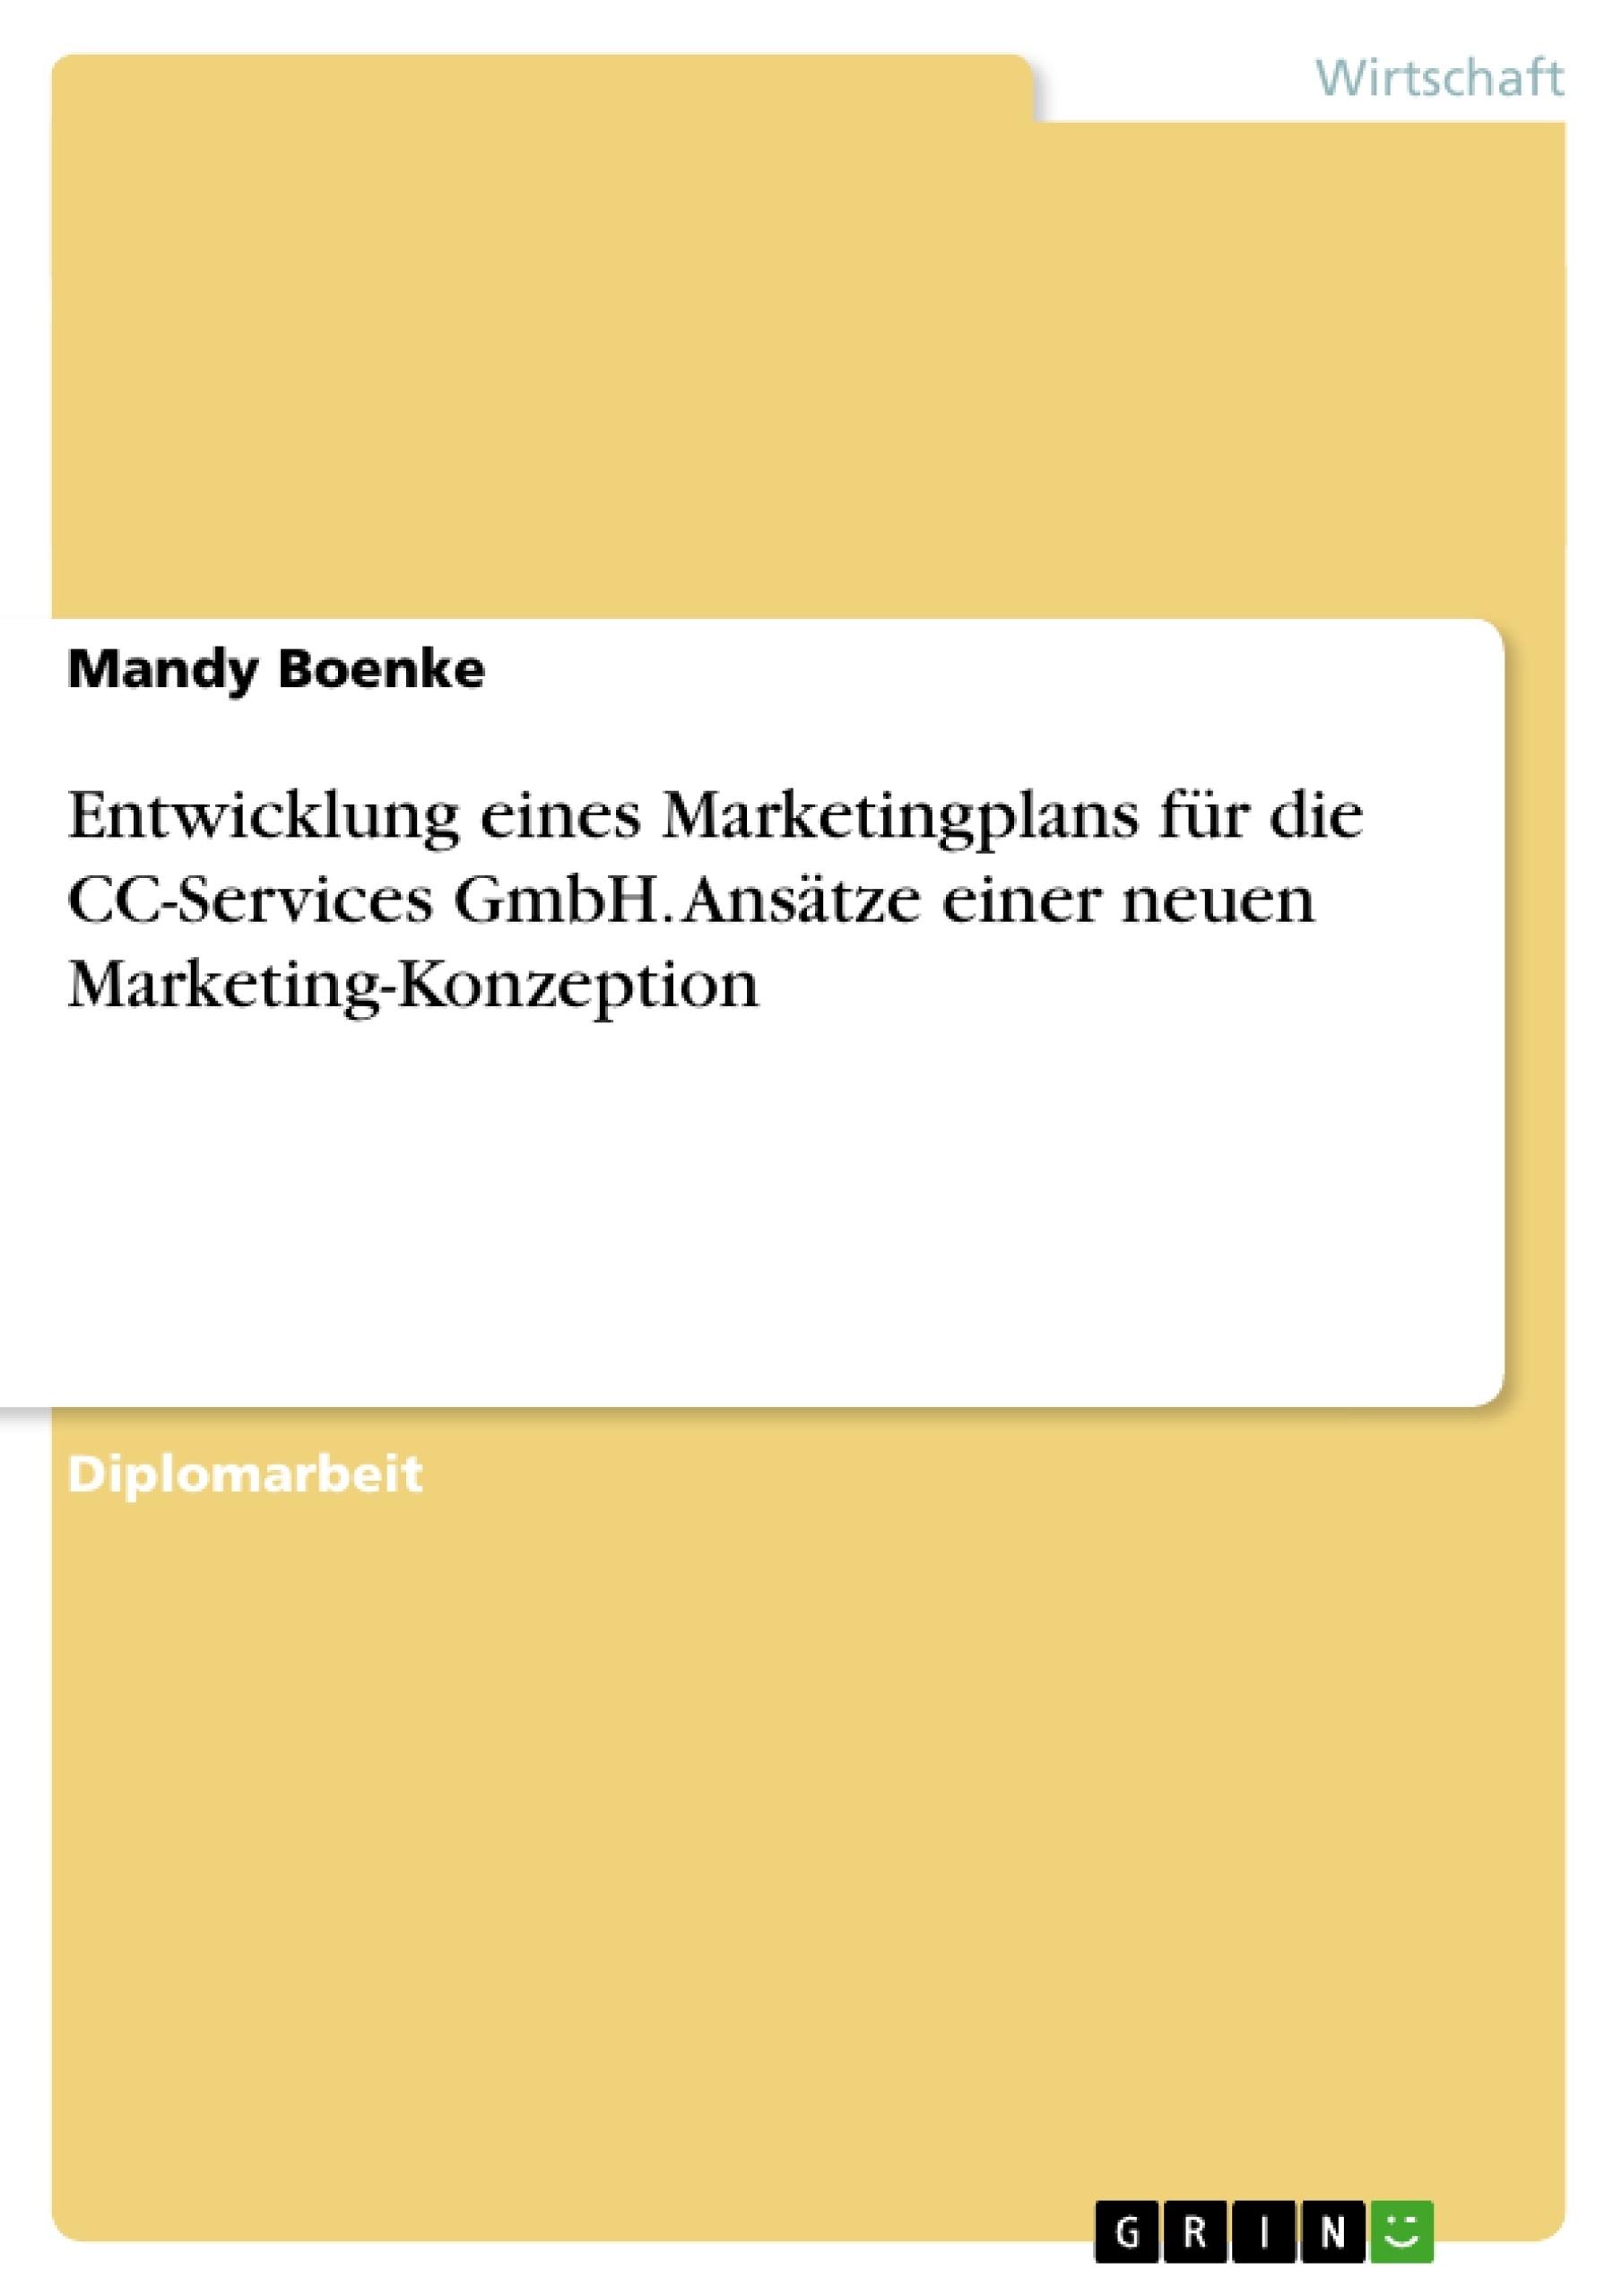 Titel: Entwicklung eines Marketingplans für die CC-Services GmbH. Ansätze einer neuen Marketing-Konzeption